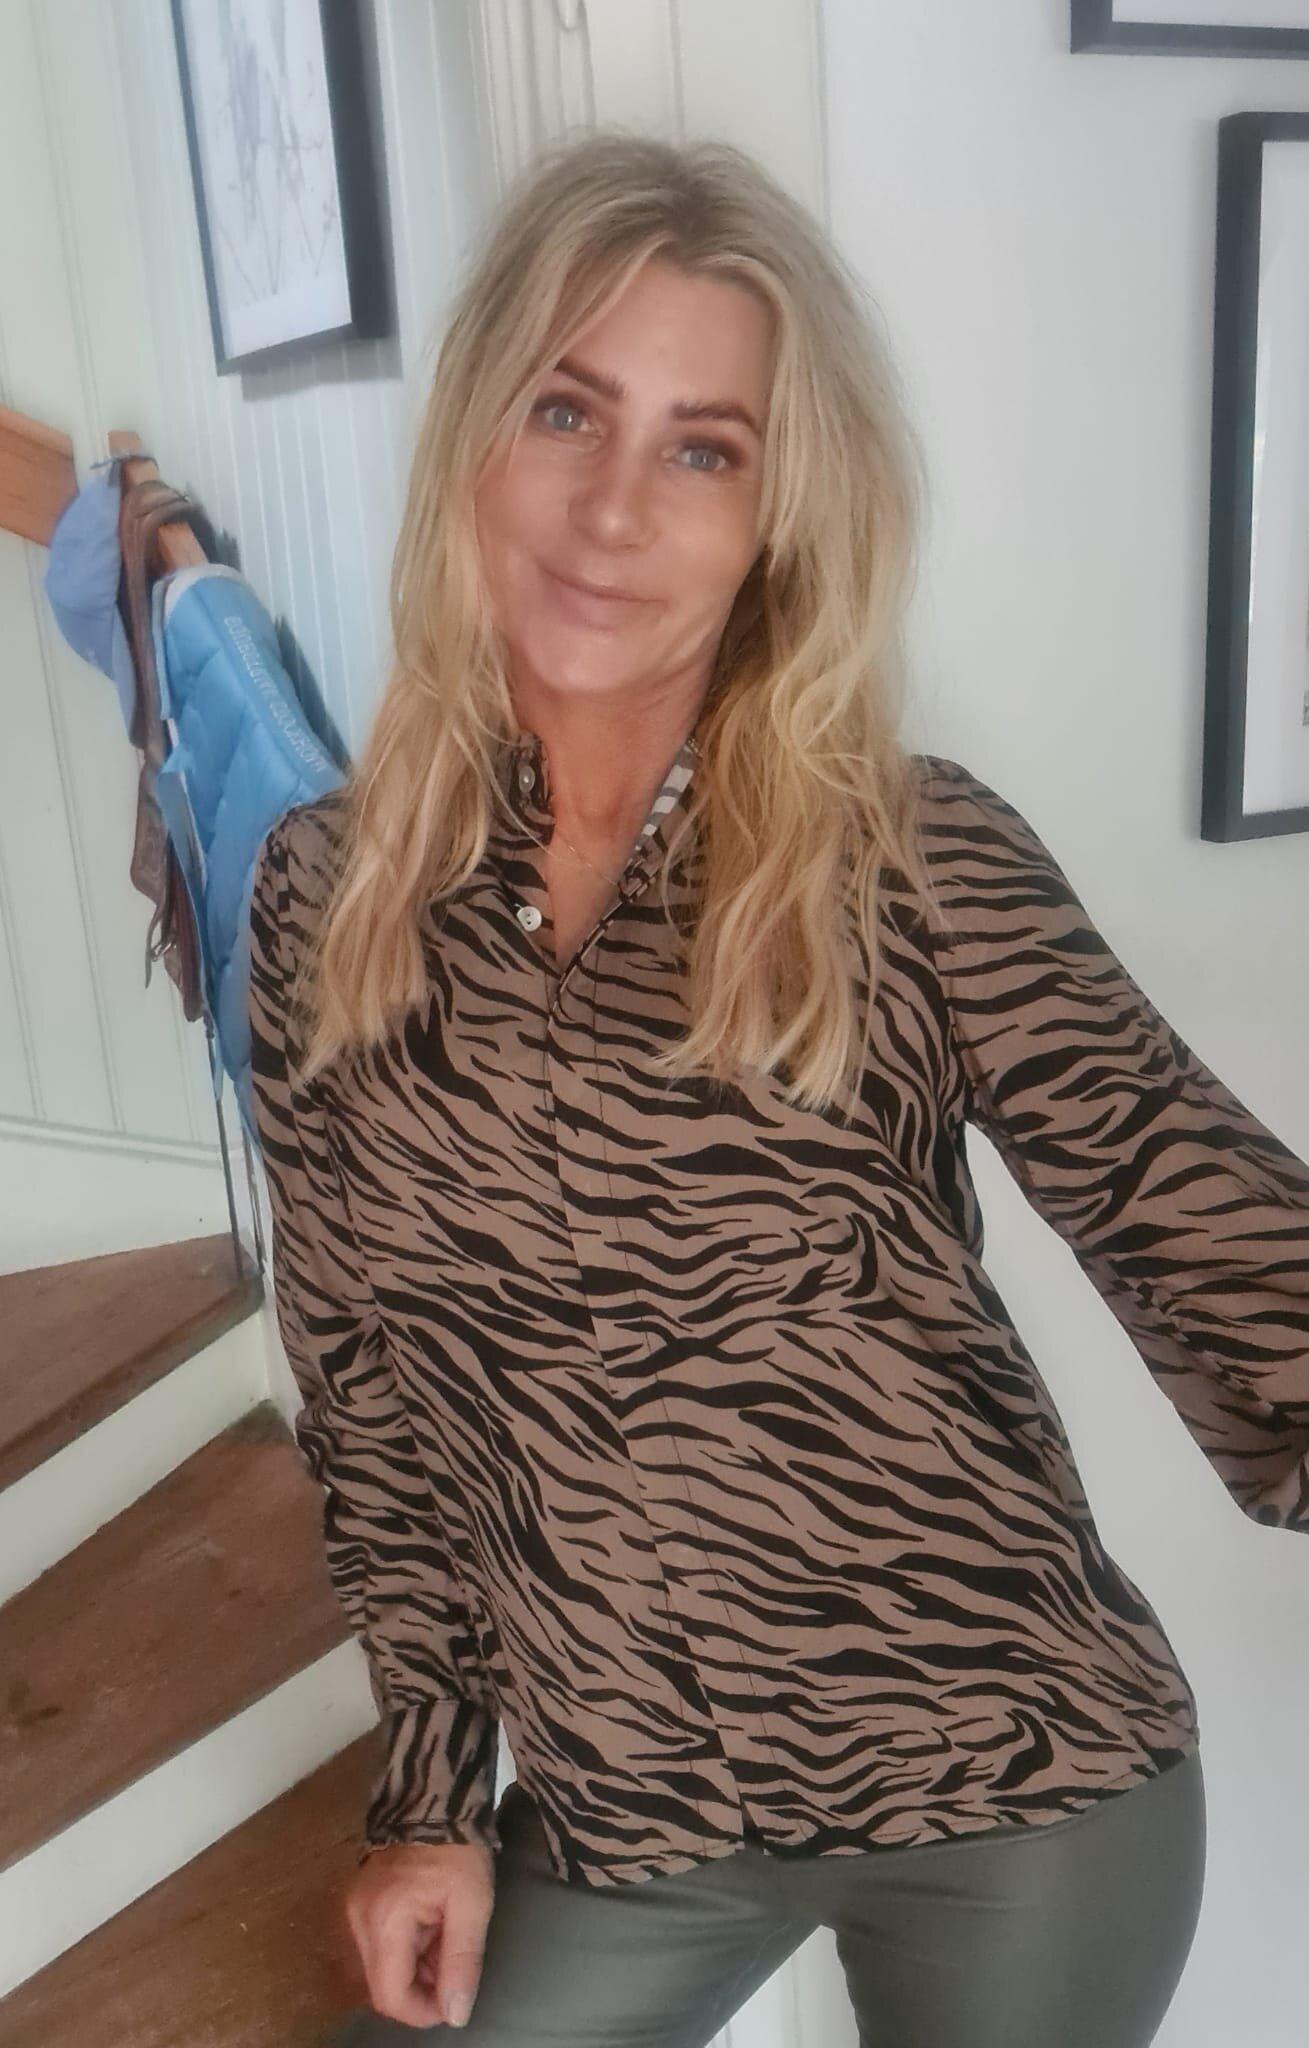 Elaine Blouse - Zebra & Ruffles - Camel